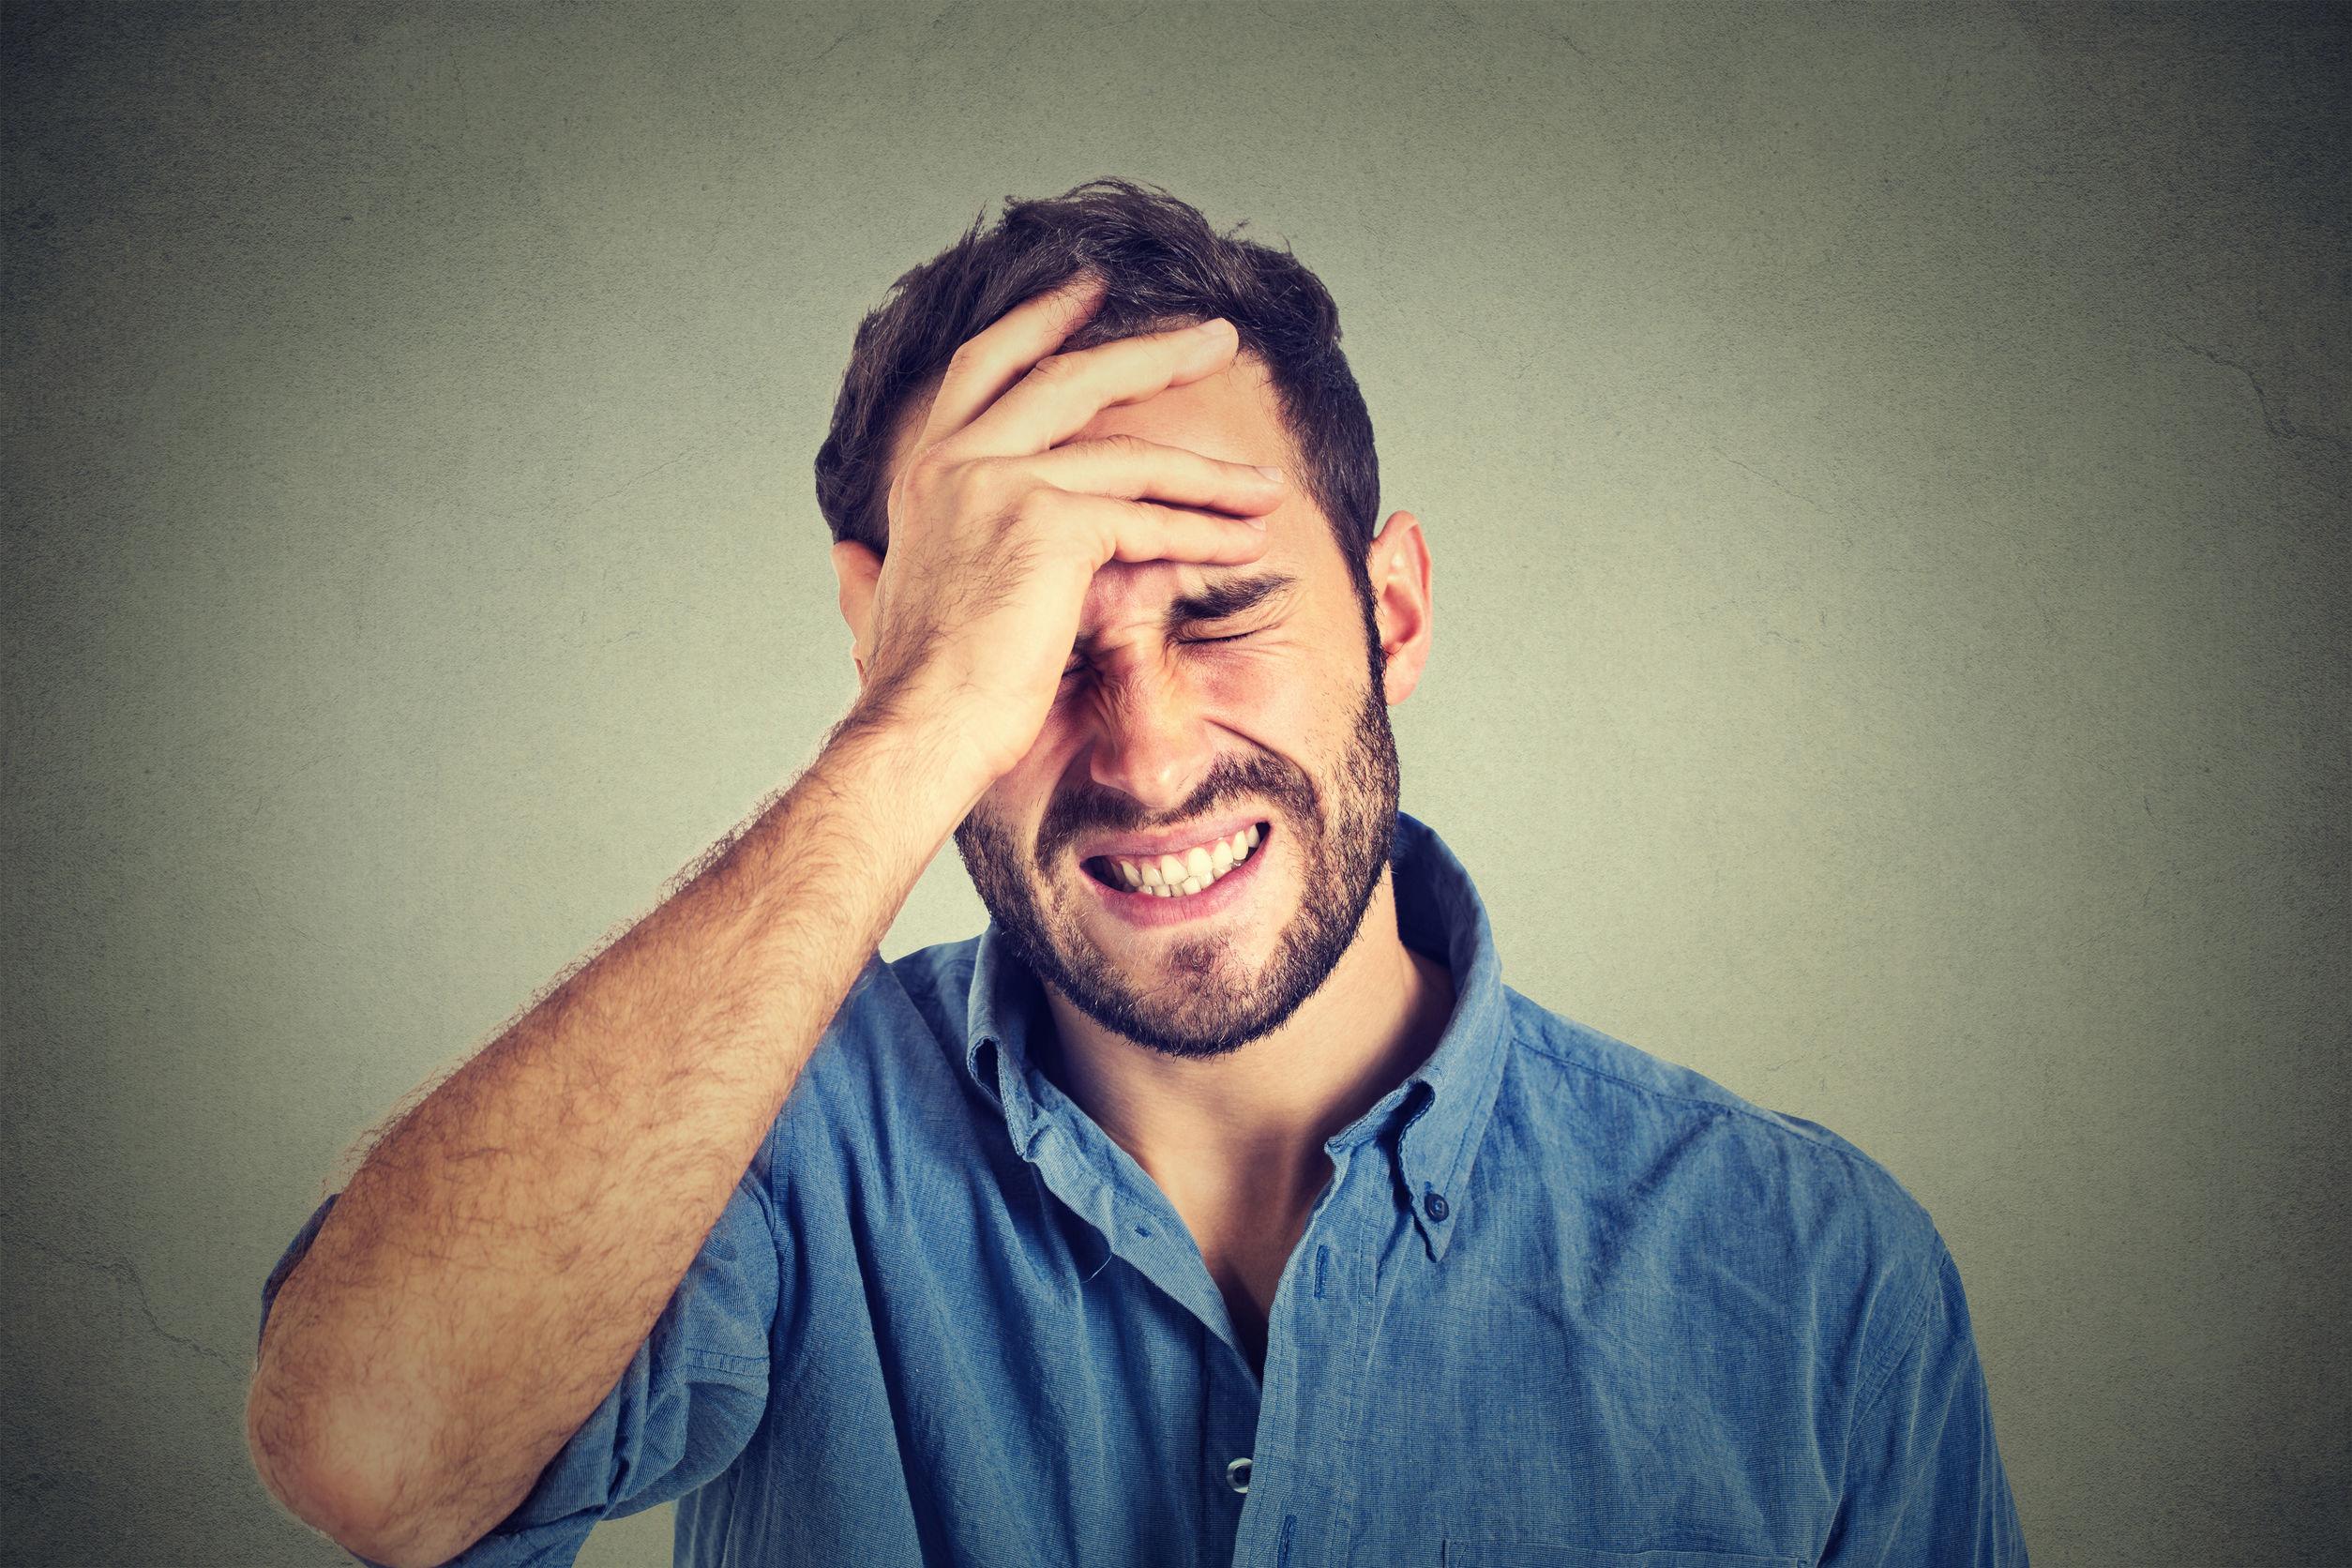 férfi péniszek nyugodt állapotban segít a gyors erekcióban